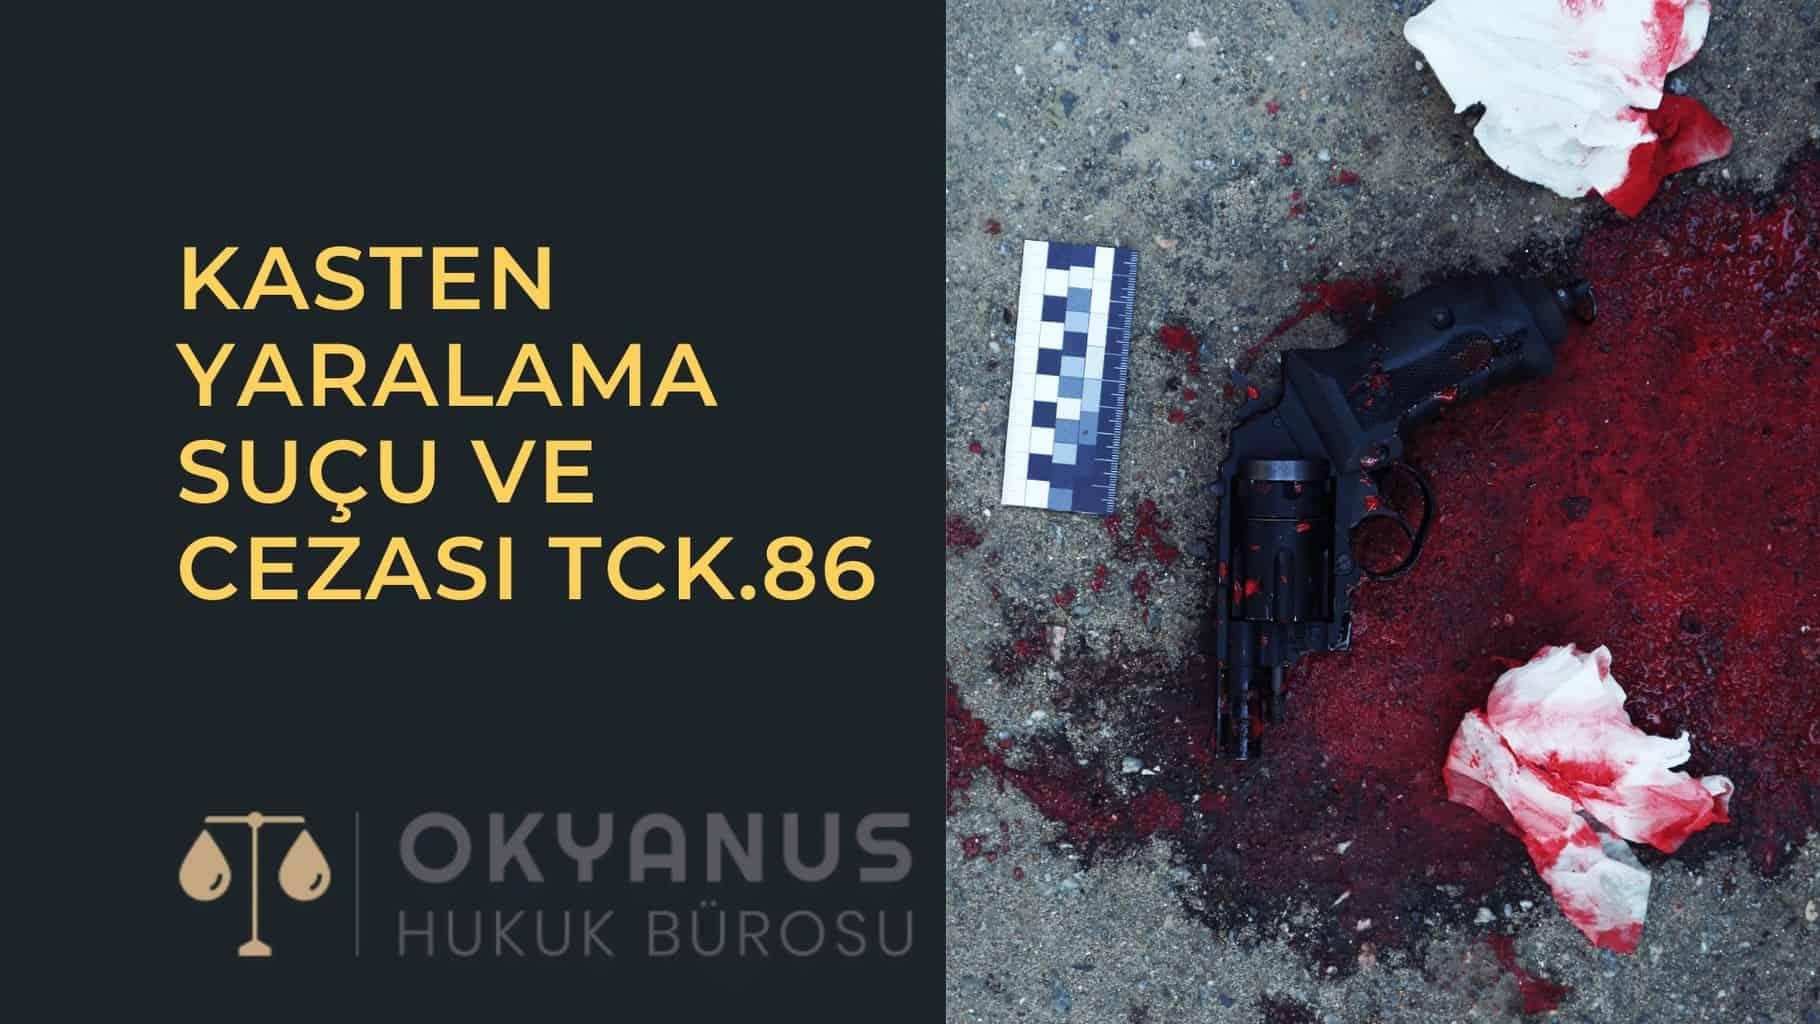 Kasten Yaralama Suçu ve Cezası